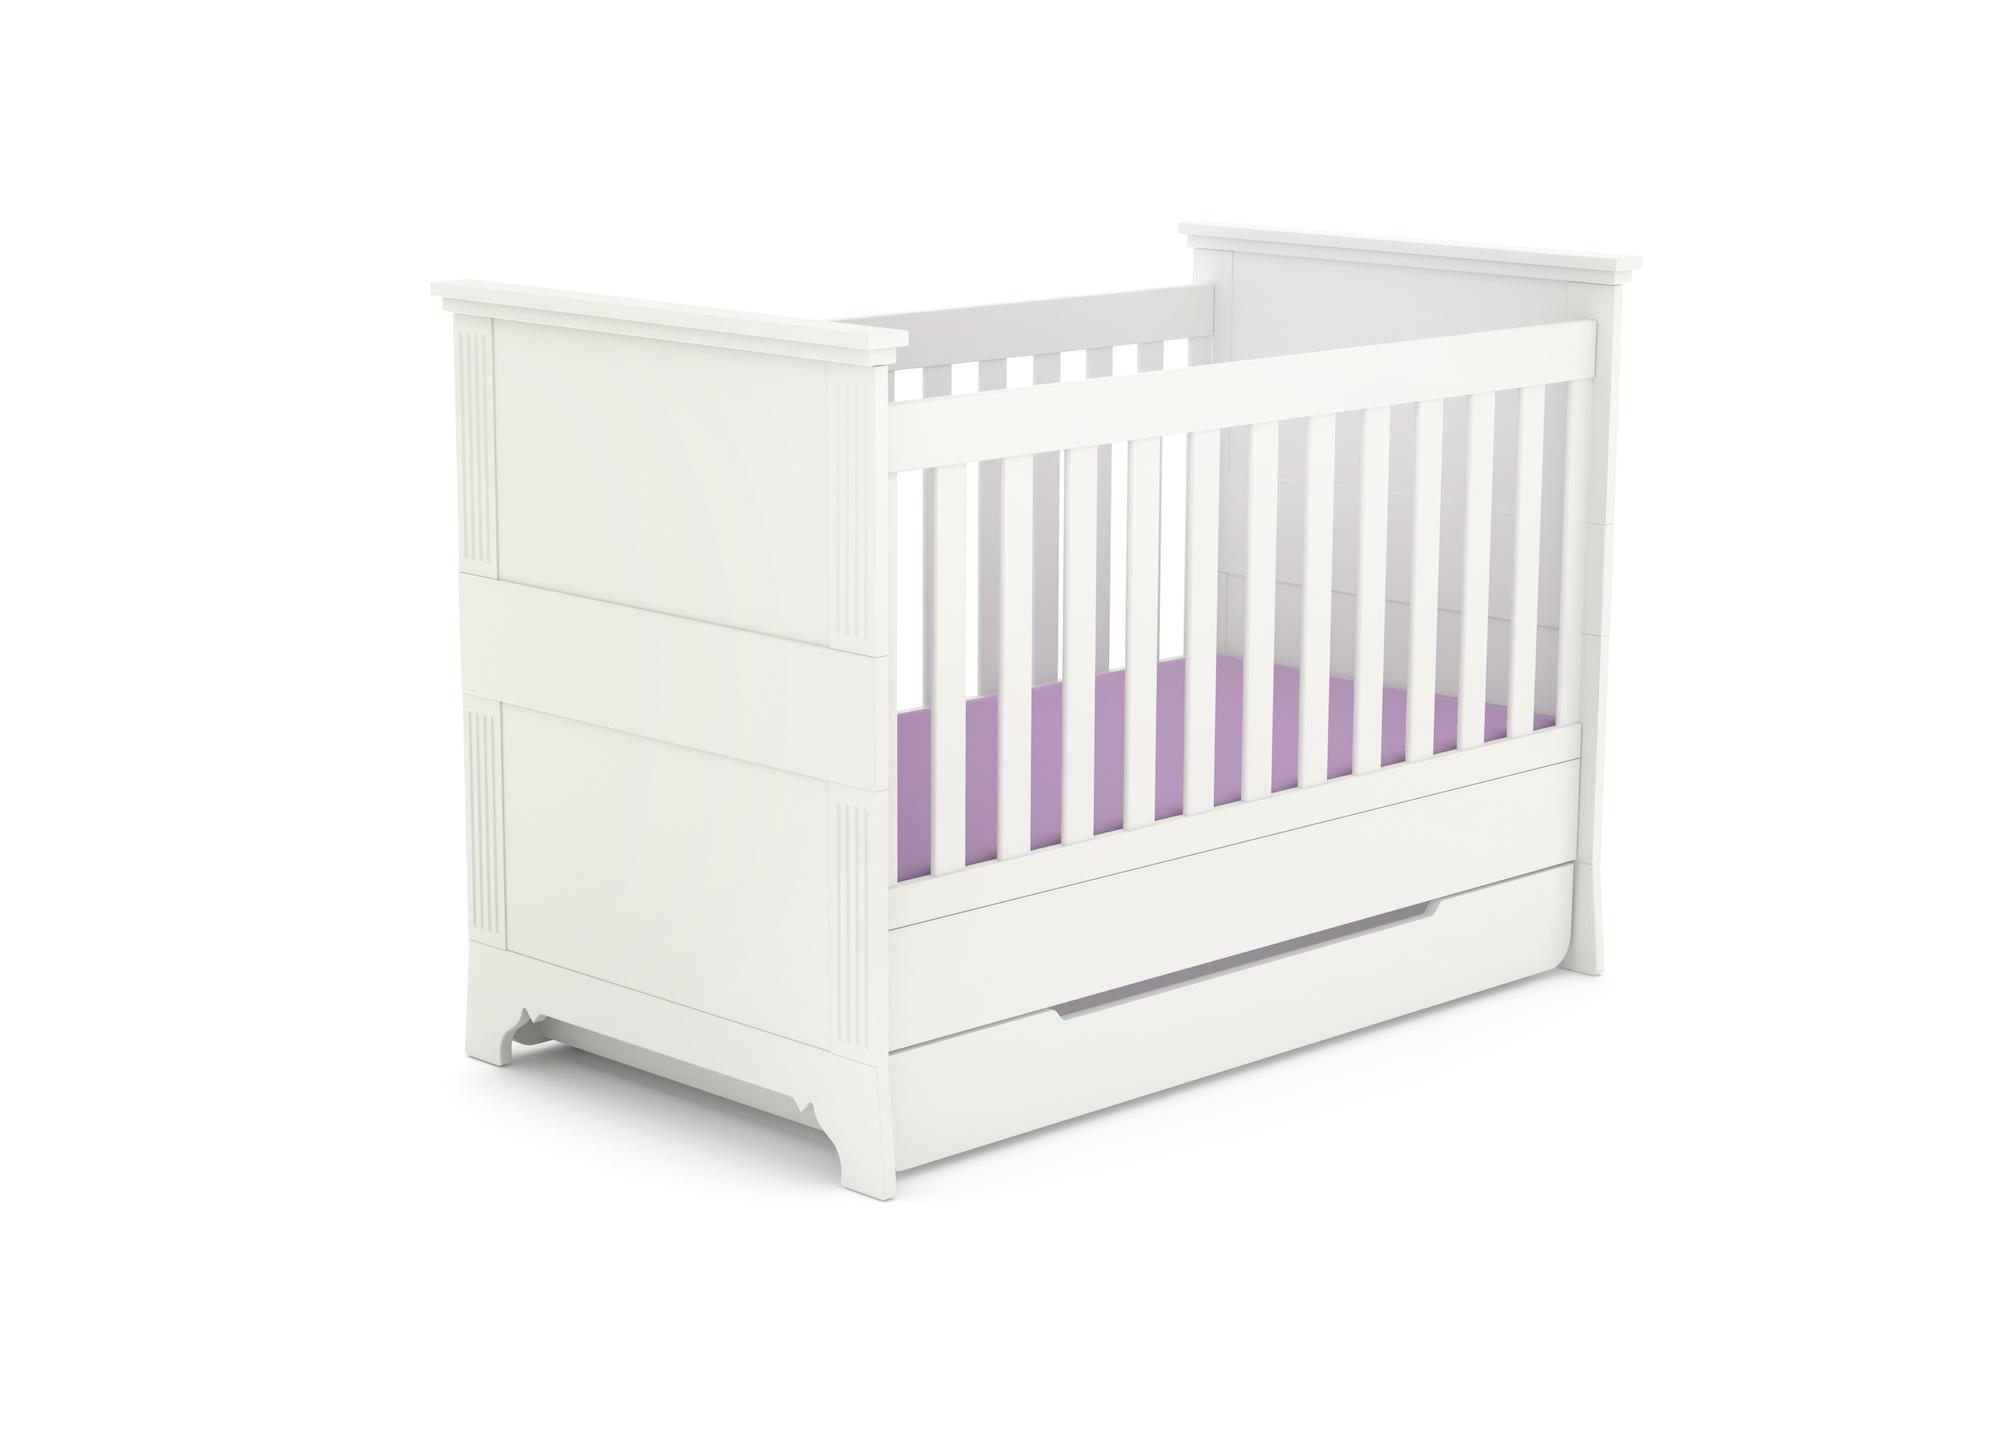 Kinderbett Clariss White mit Bettkasten, Timoore